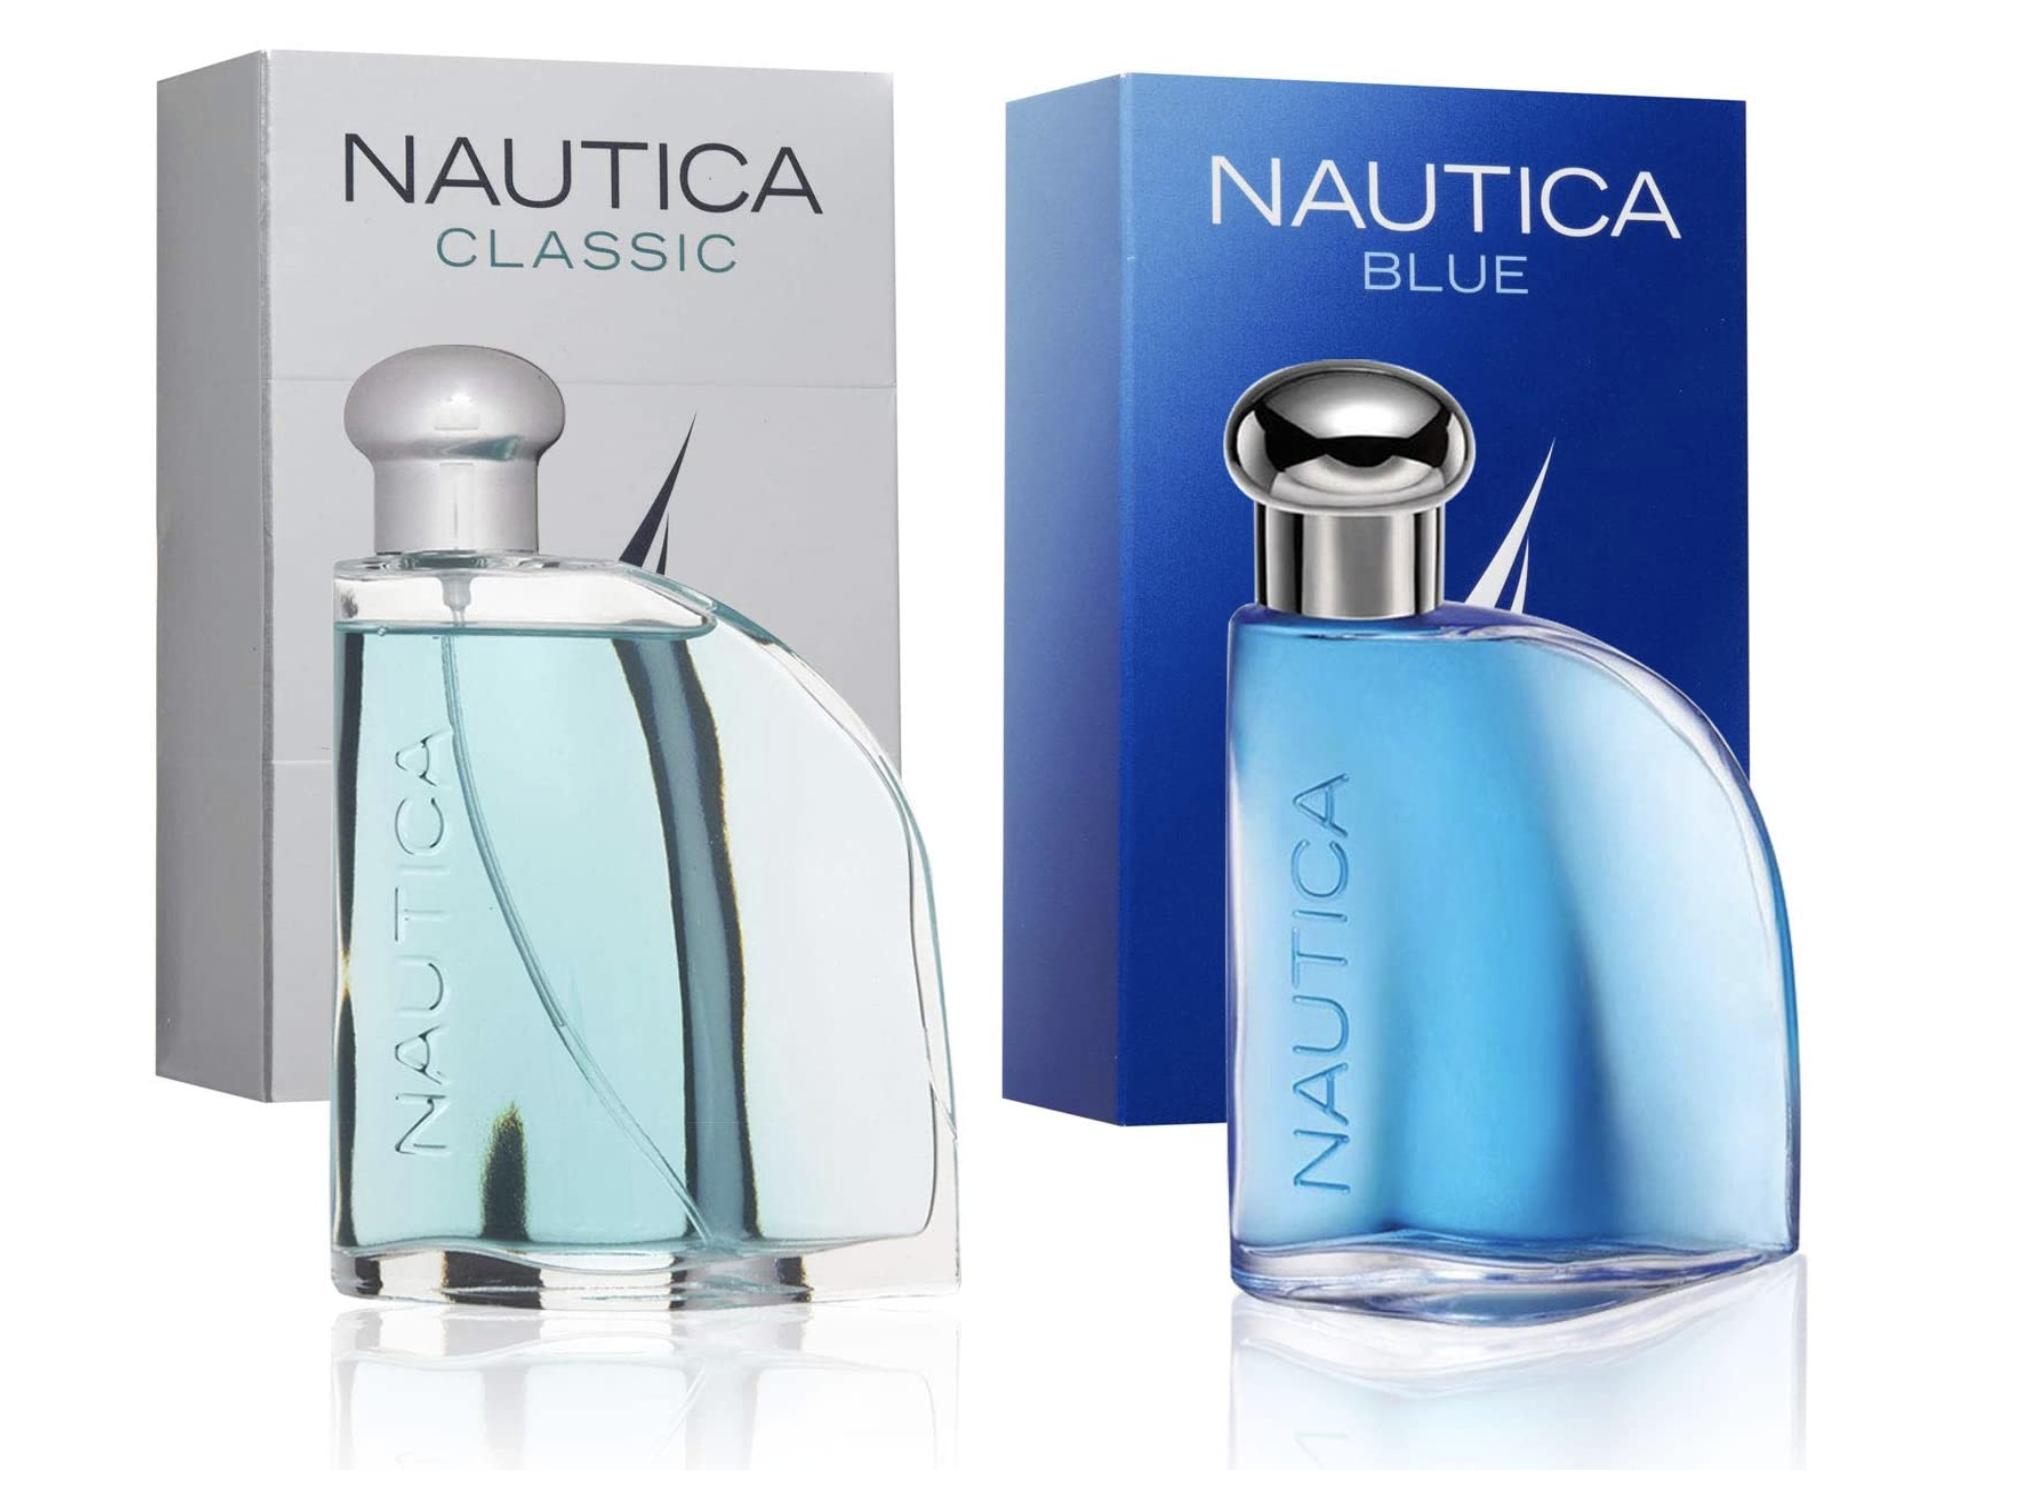 Par de fragancias para hombre: una es Nautica Blue y otra Nautica cl?sica